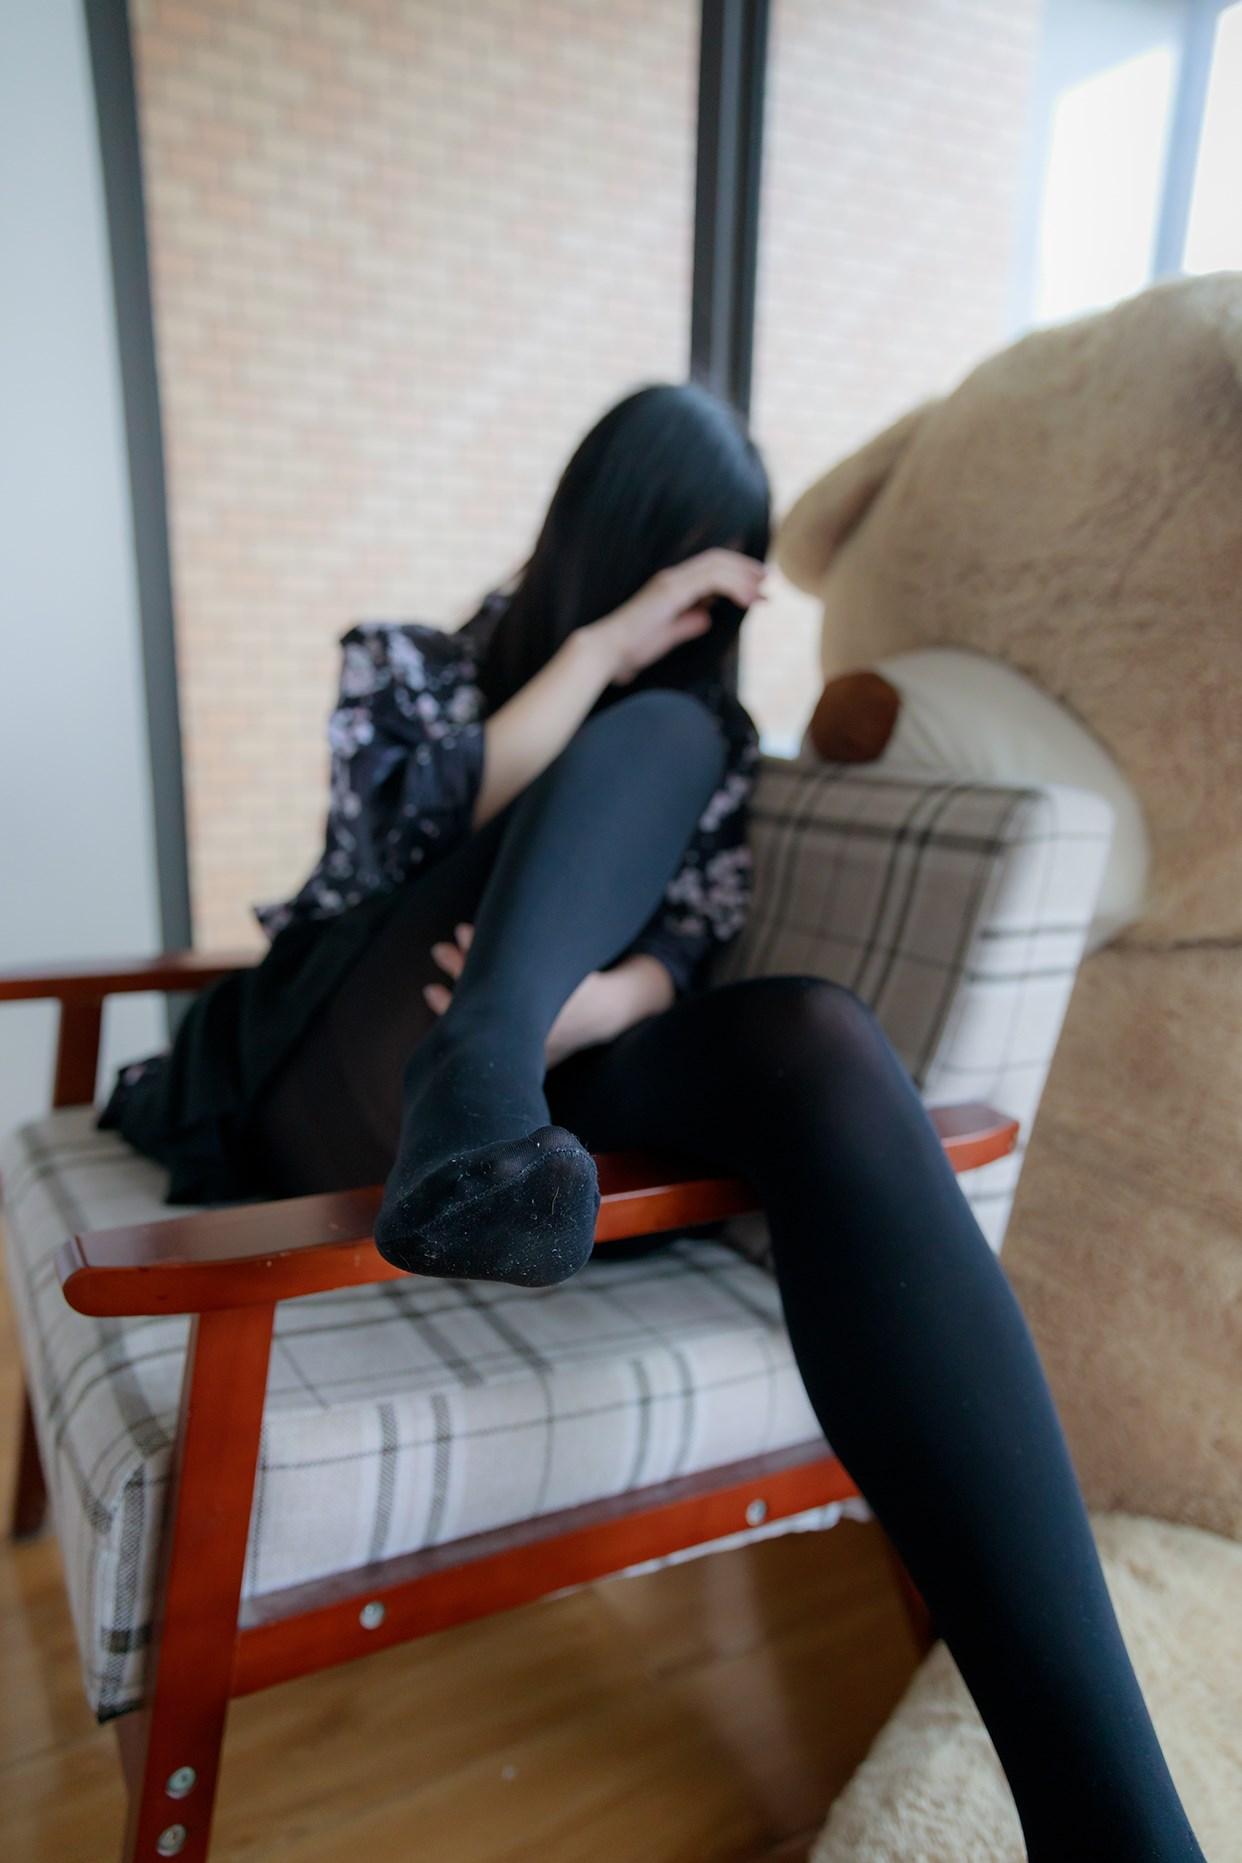 【兔玩映画】椅上的黑丝少女 兔玩映画 第40张